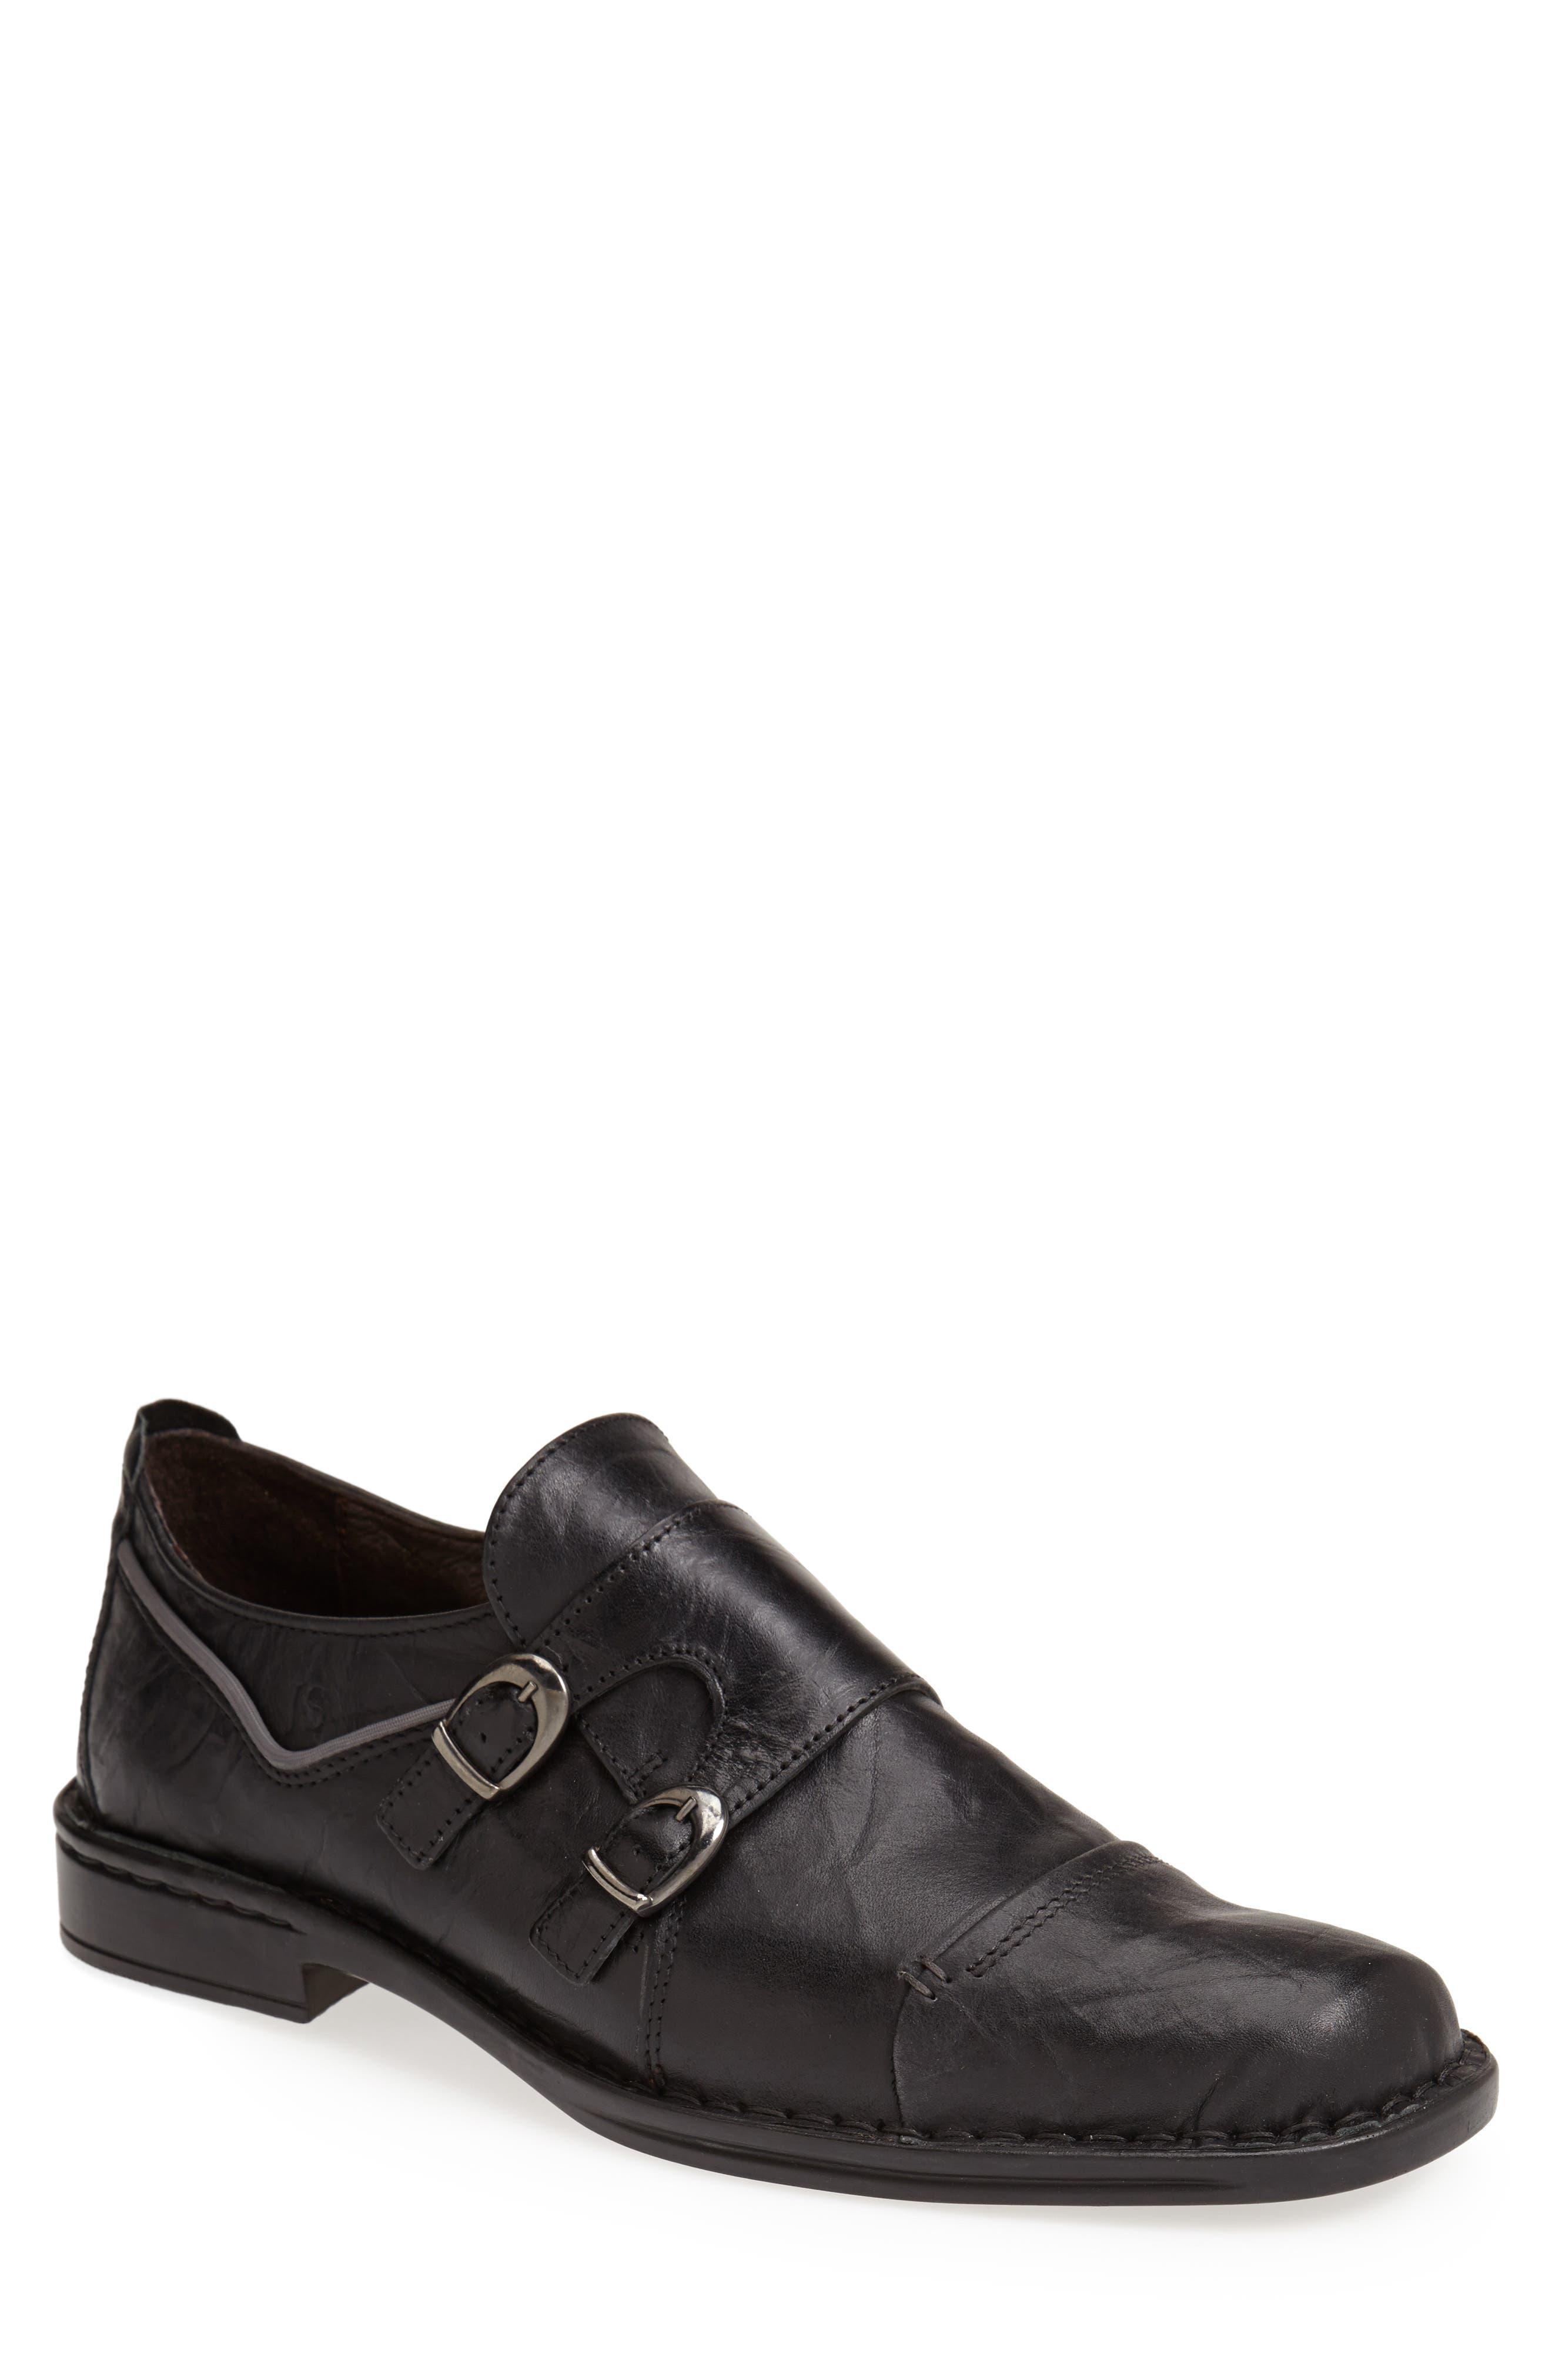 'Douglas 11' Double Monk Strap Shoe,                             Alternate thumbnail 5, color,                             BLACK